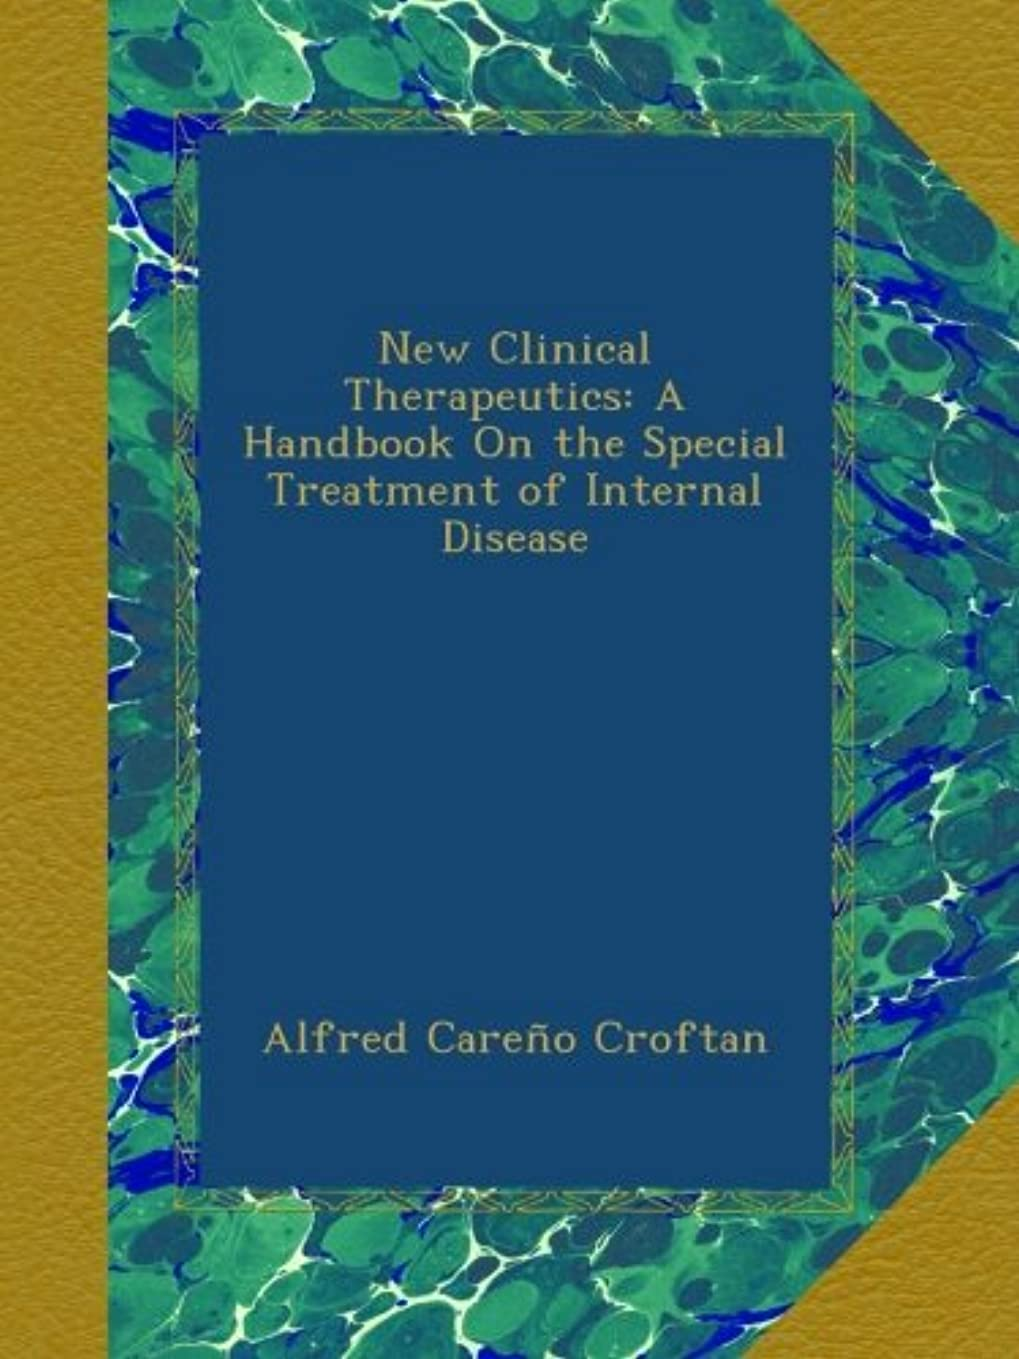 ライド塊フレッシュNew Clinical Therapeutics: A Handbook On the Special Treatment of Internal Disease